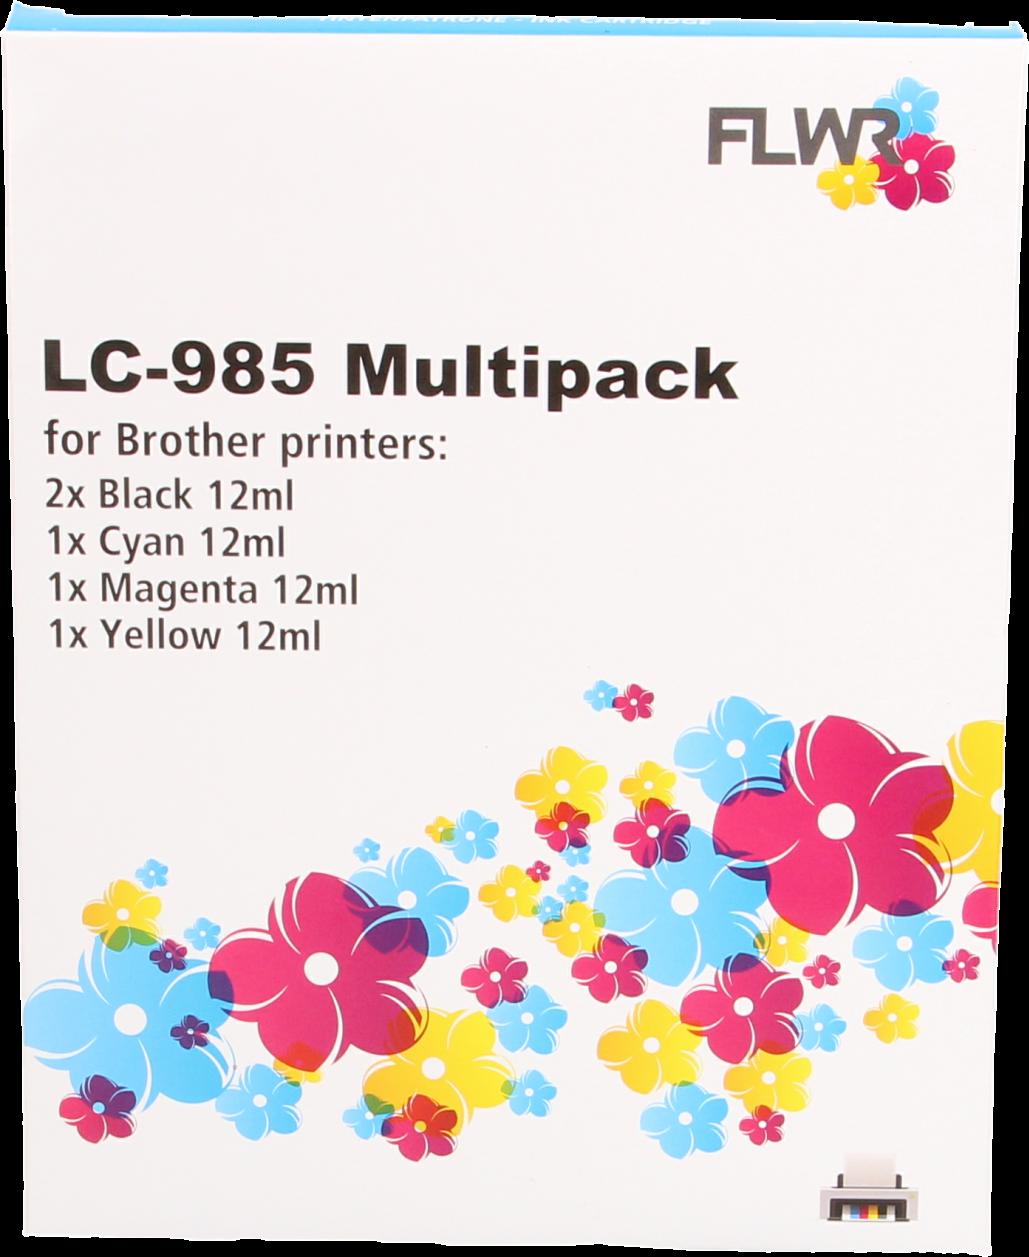 foto FLWR-LC985-MP